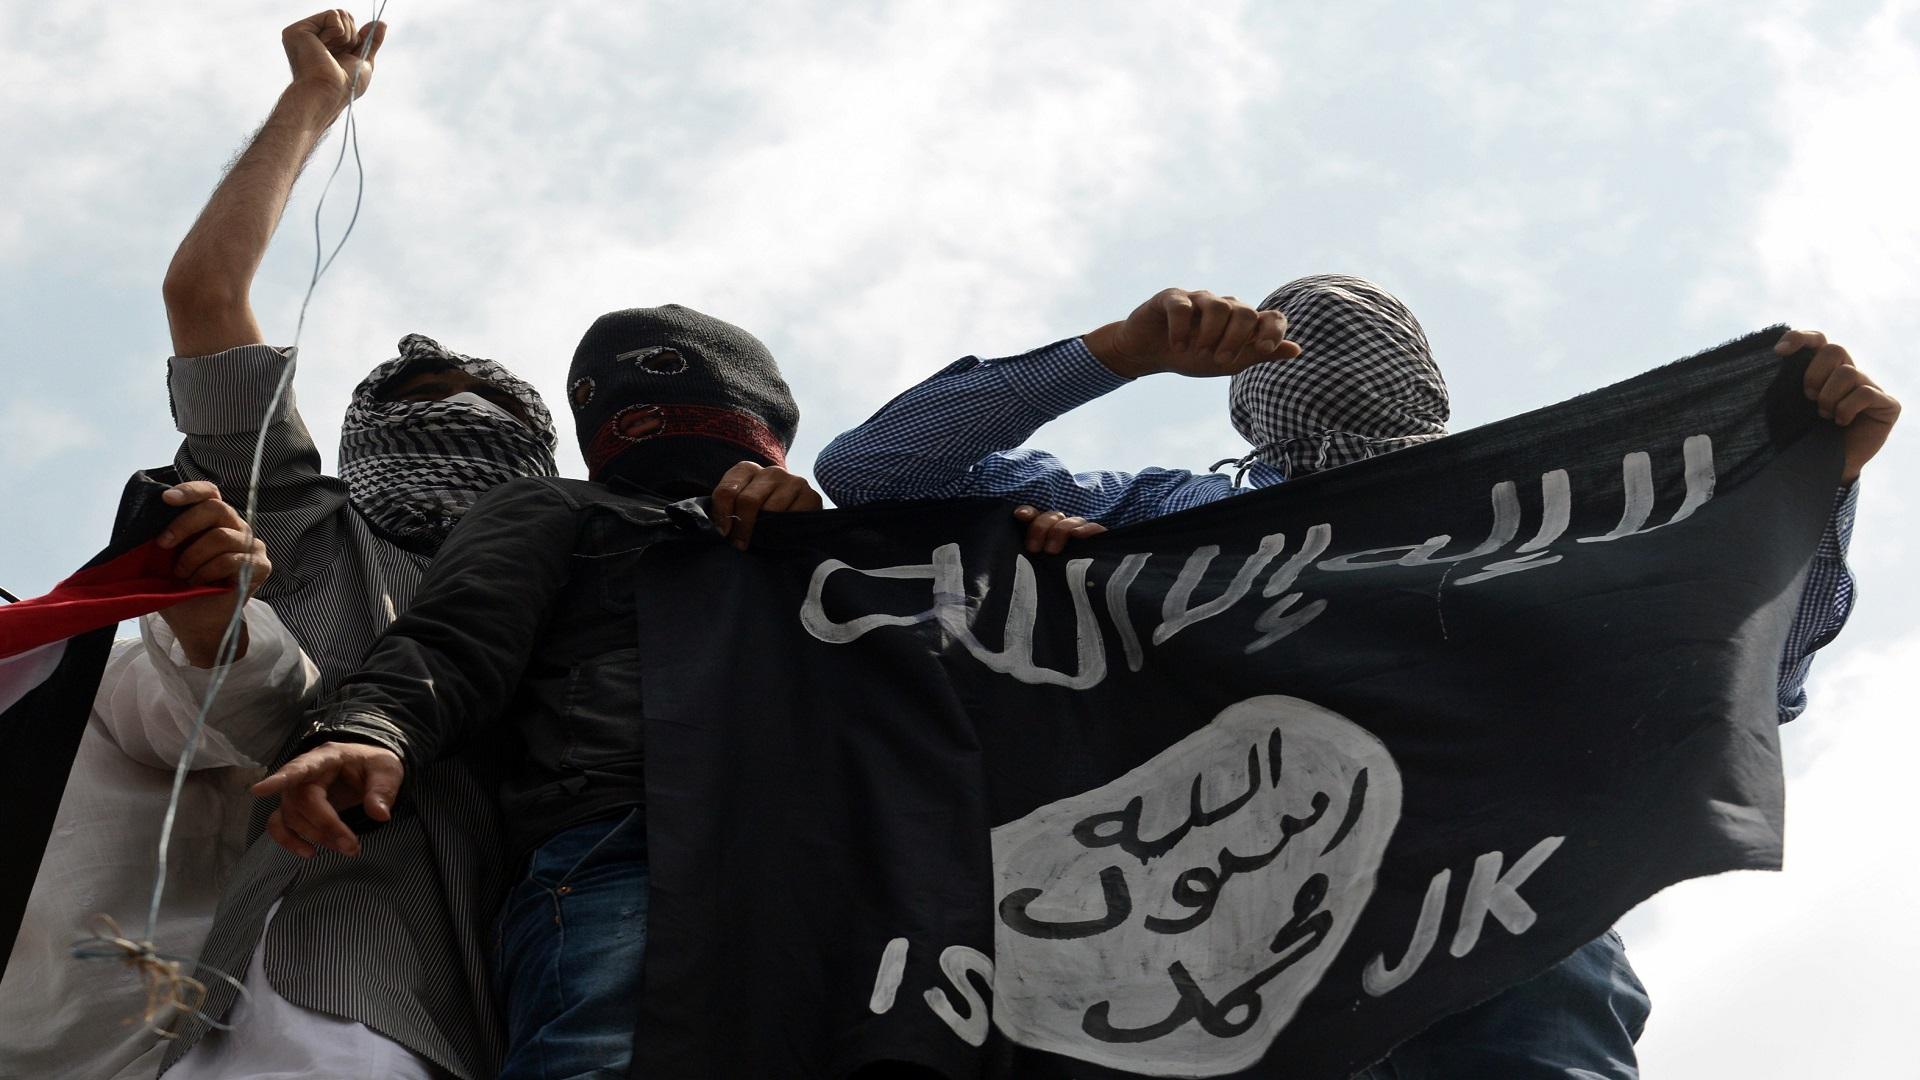 داعش ينشر صور 21 مصرياً بملابس الإعدام البرتقالية